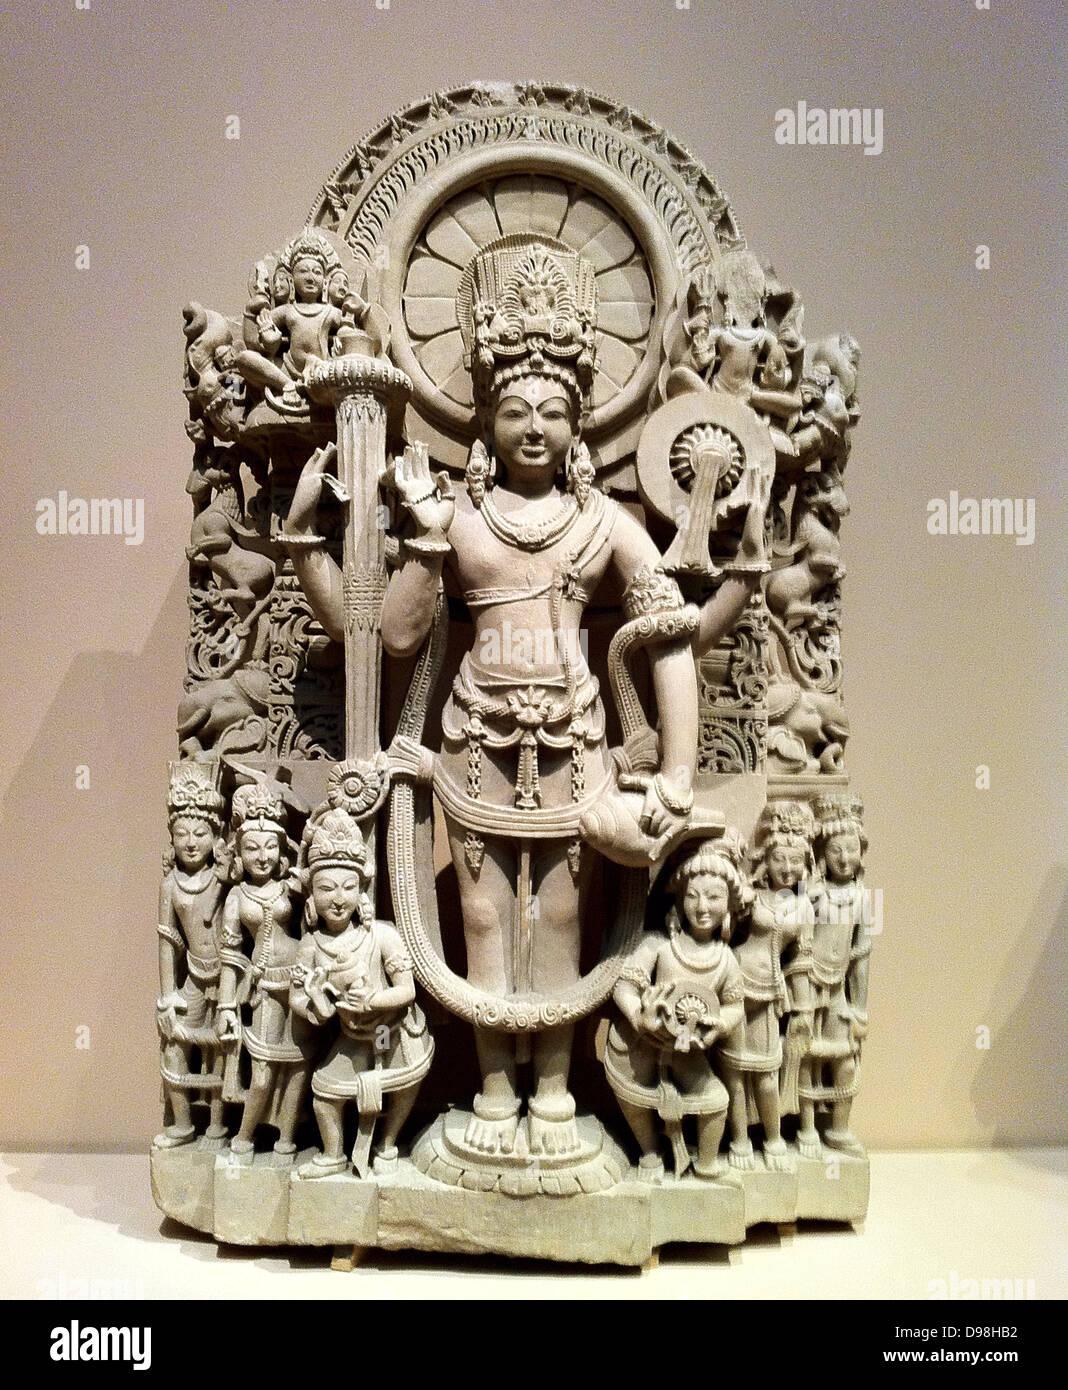 Stele von vier bewaffneten Vishnu. Indien, 10.-11. Jahrhundert n. Chr.. Sandstein Stockbild